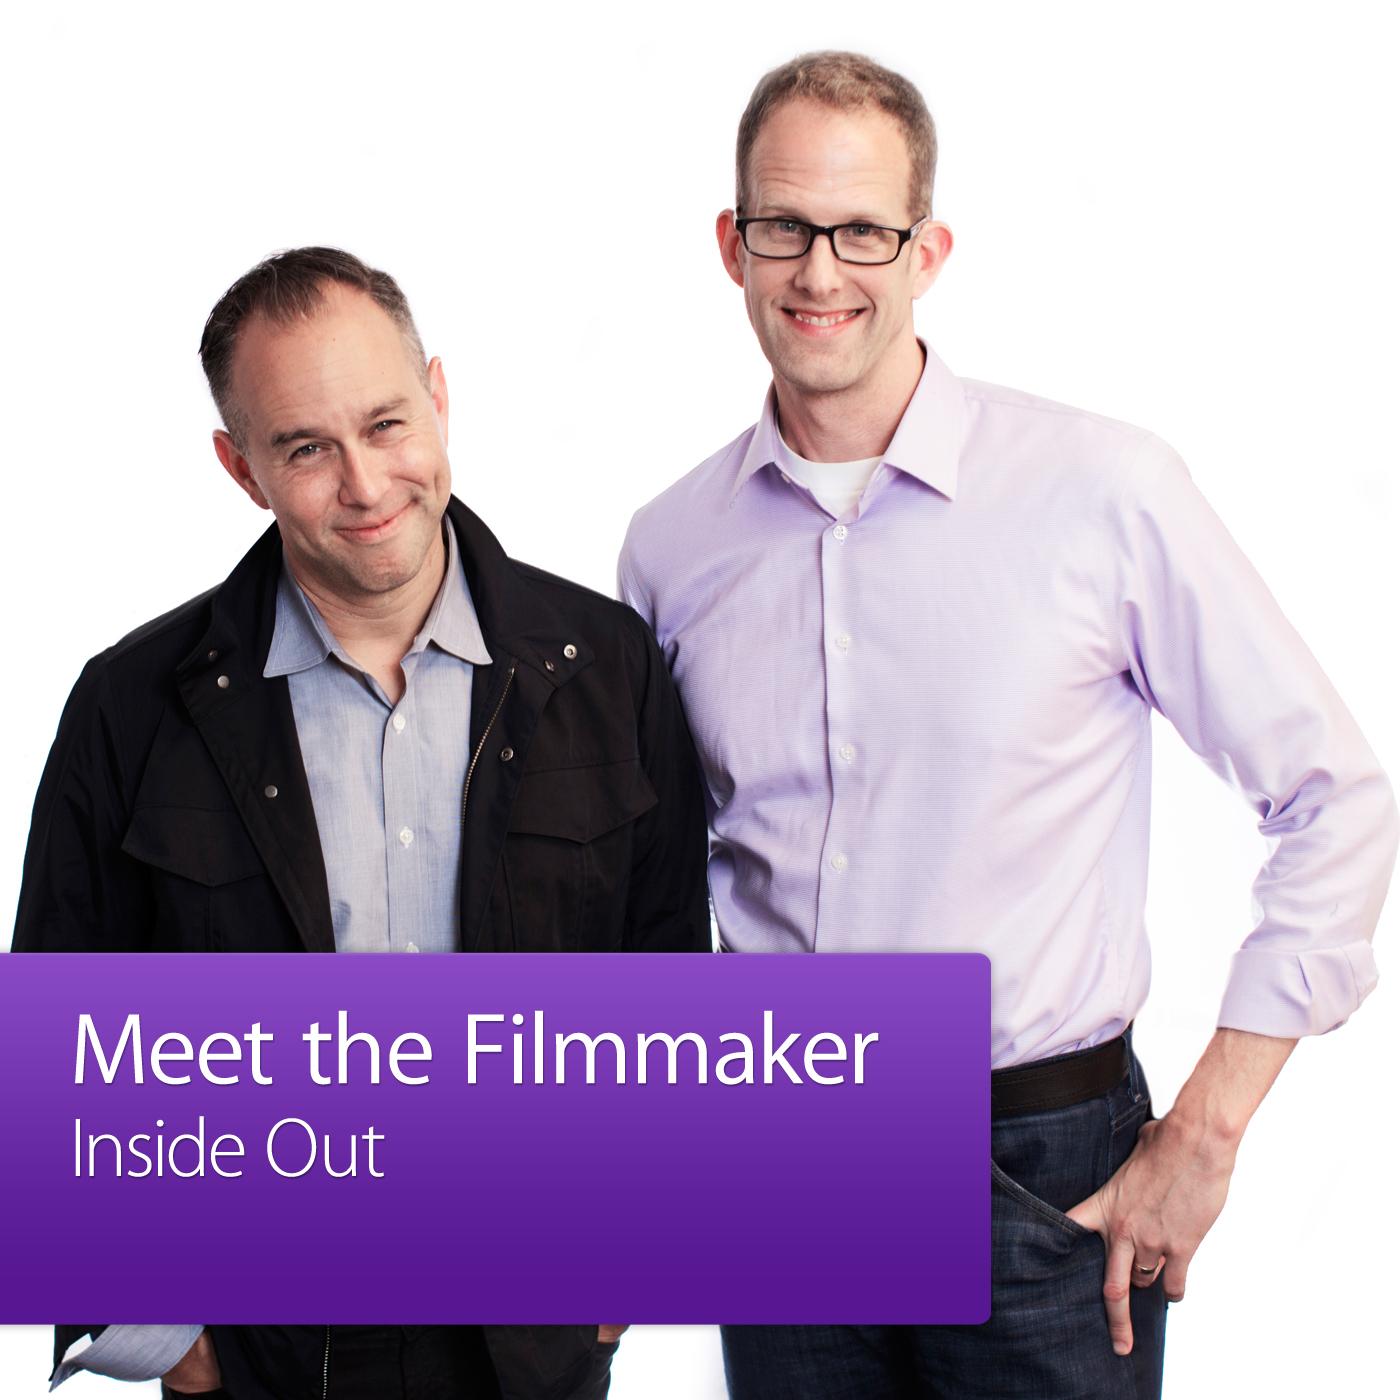 Inside Out: Meet the Filmmaker